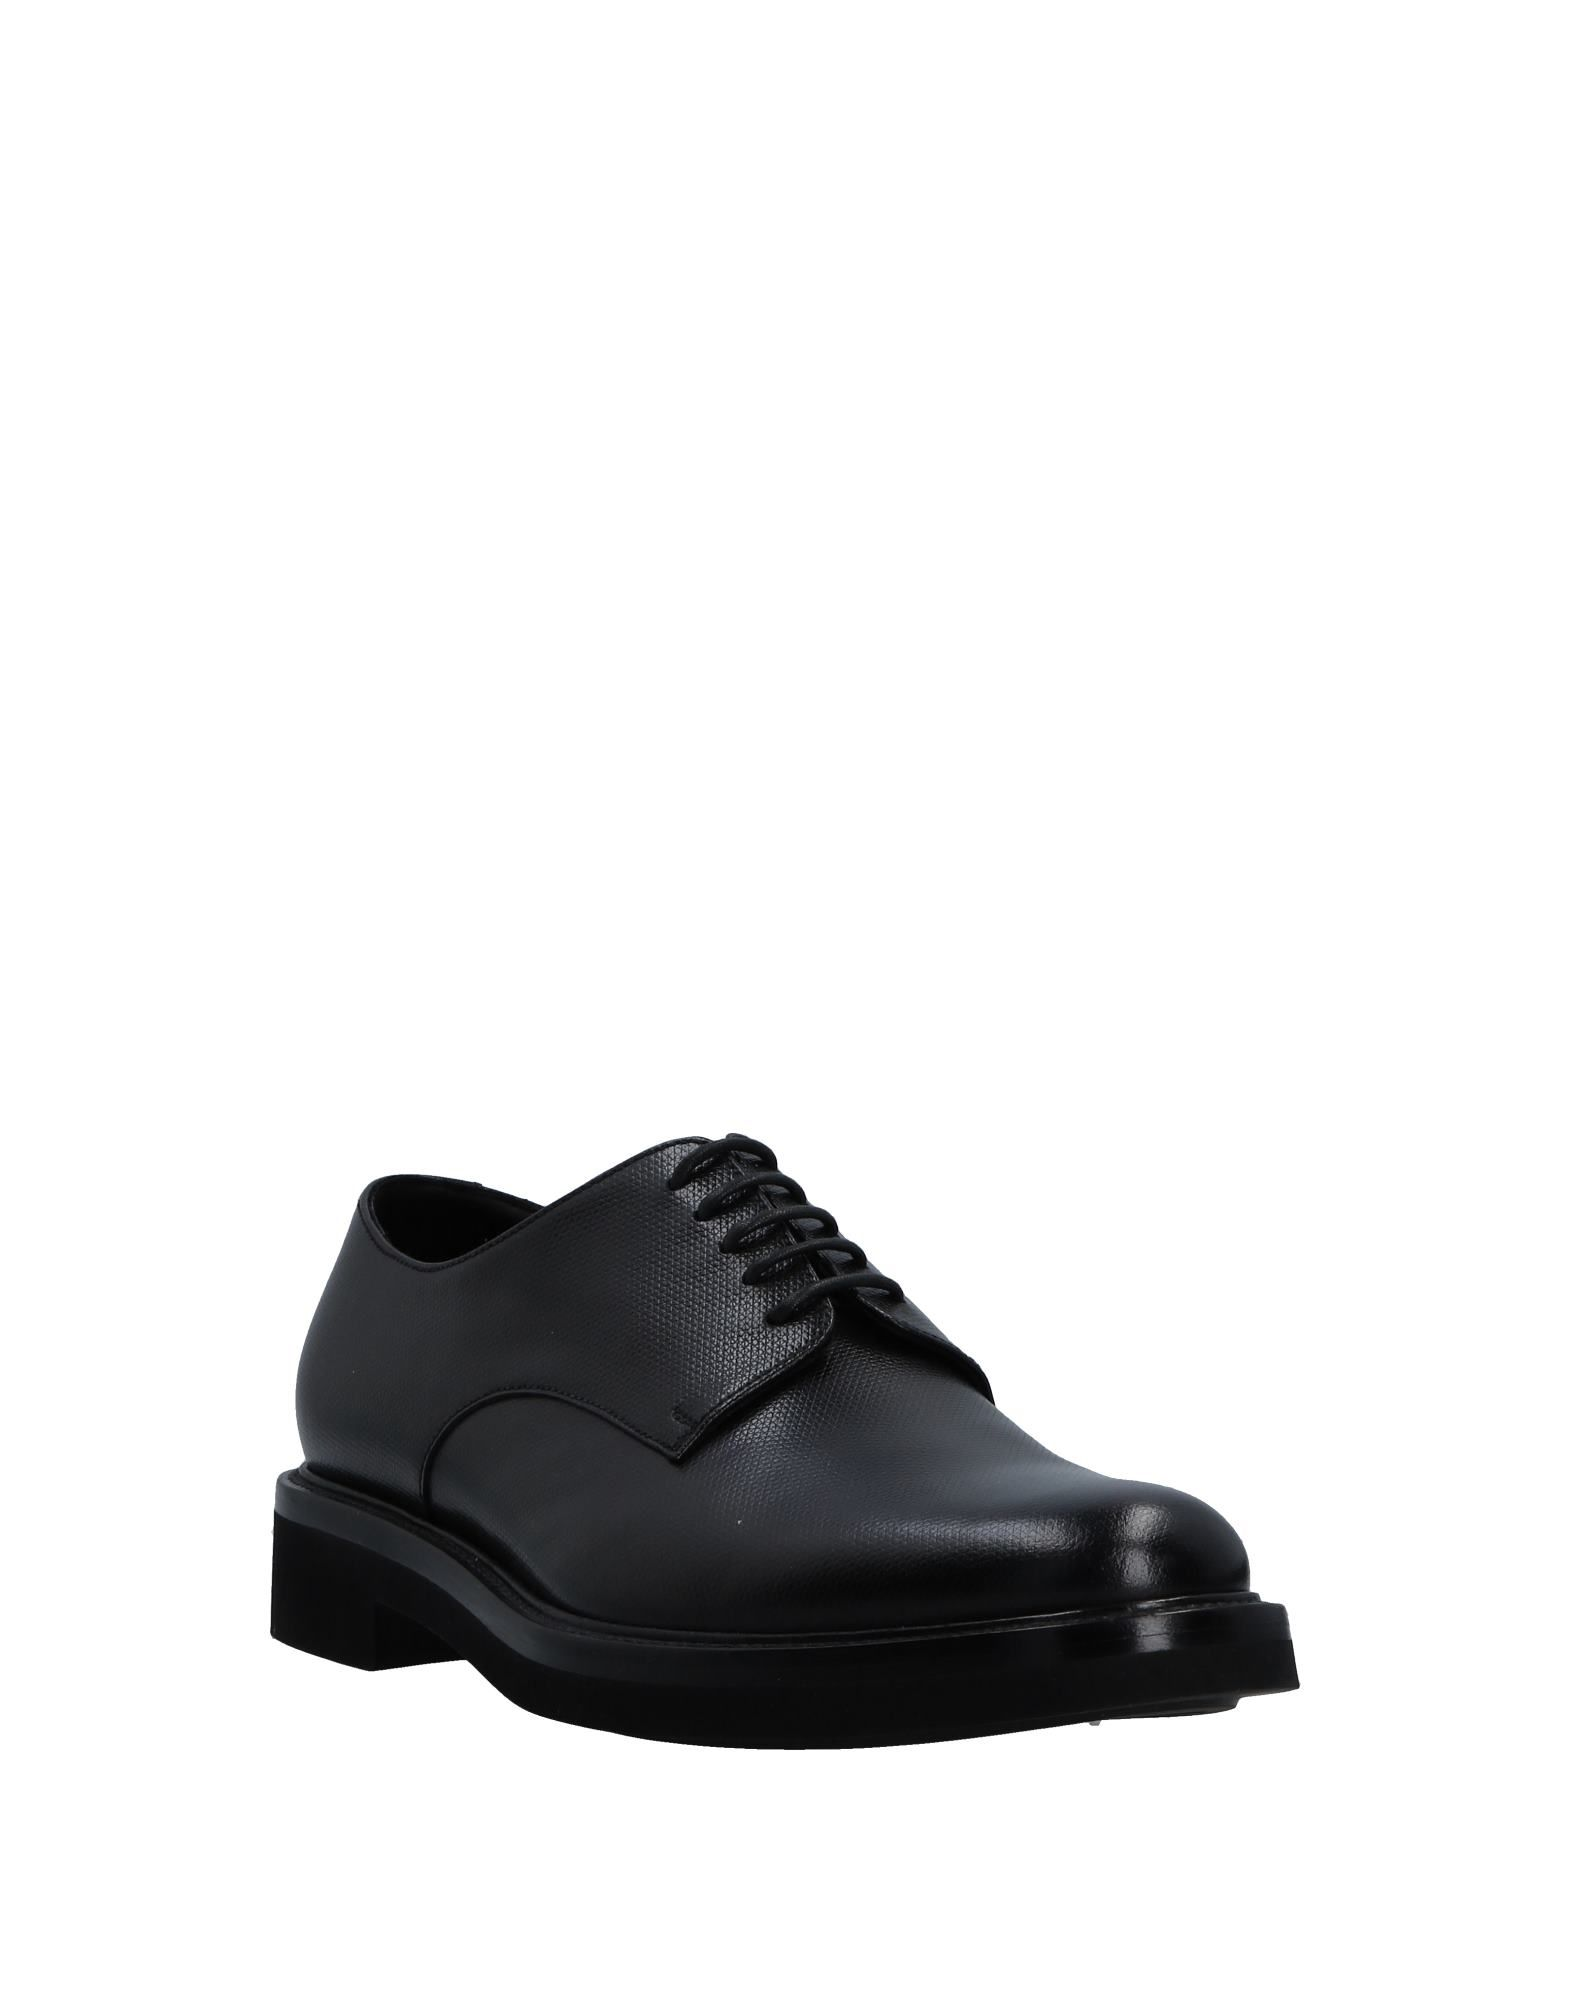 Emporio Armani Schnürschuhe Qualität Herren  11529150XN Gute Qualität Schnürschuhe beliebte Schuhe c6ae5e